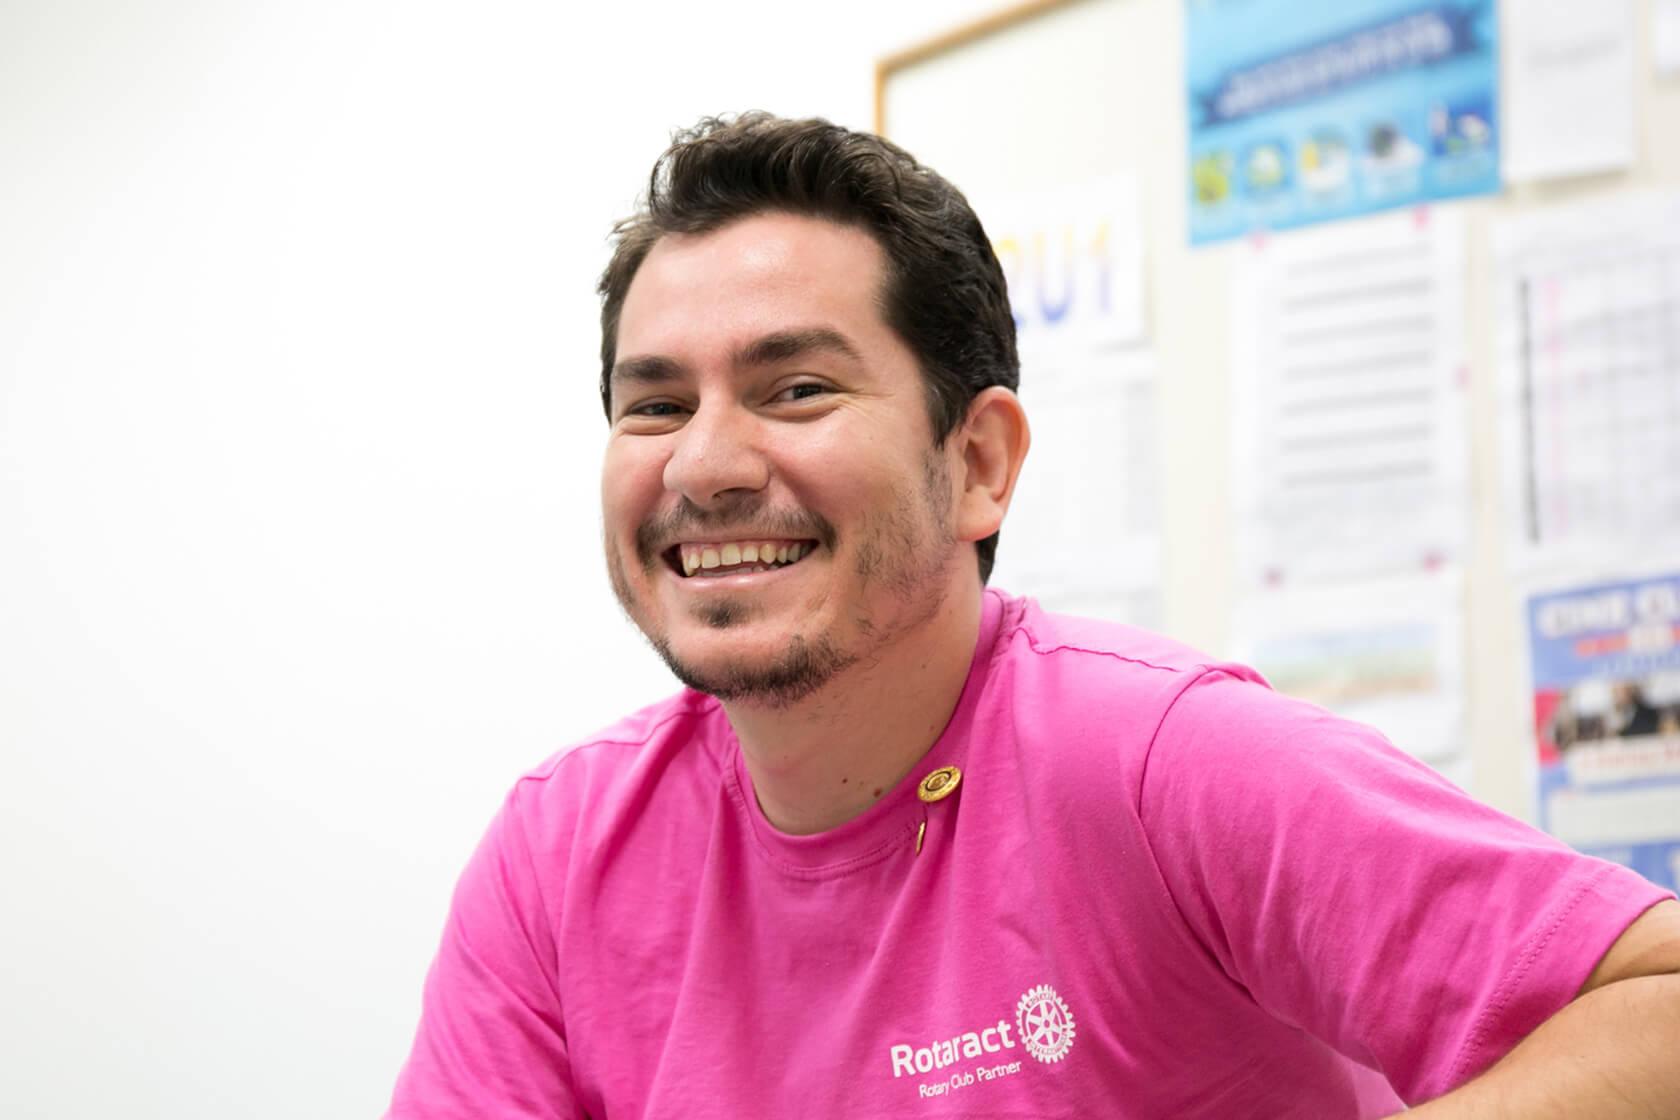 Rotaract member smiling